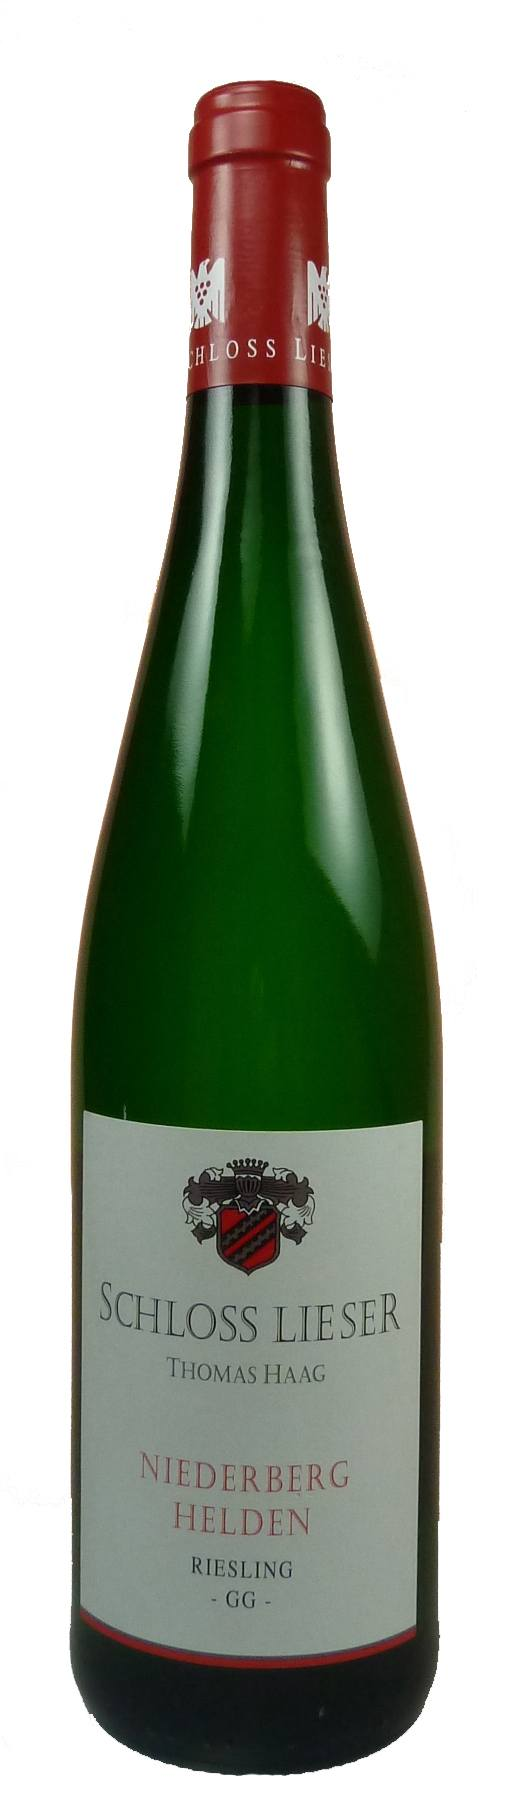 Niederberg Helden Riesling Großes Gewächs Qualitätswein trocken 2016